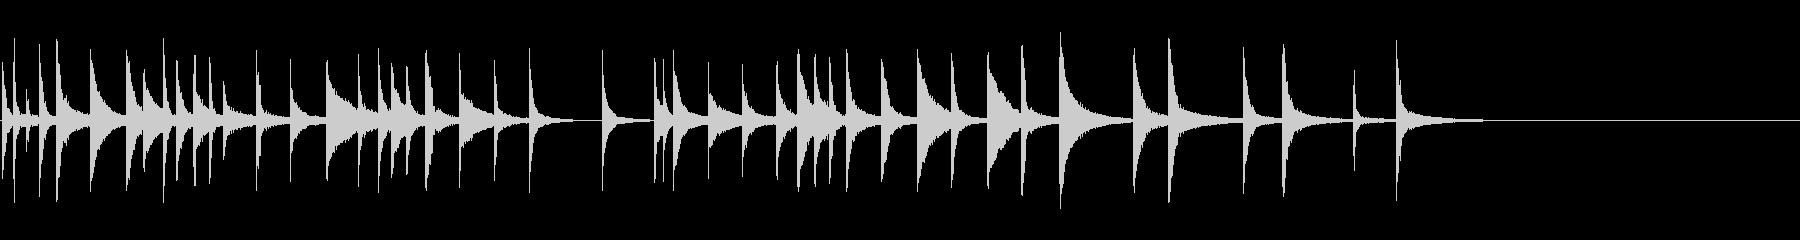 さまざまなメタルのビート、高速オー...の未再生の波形